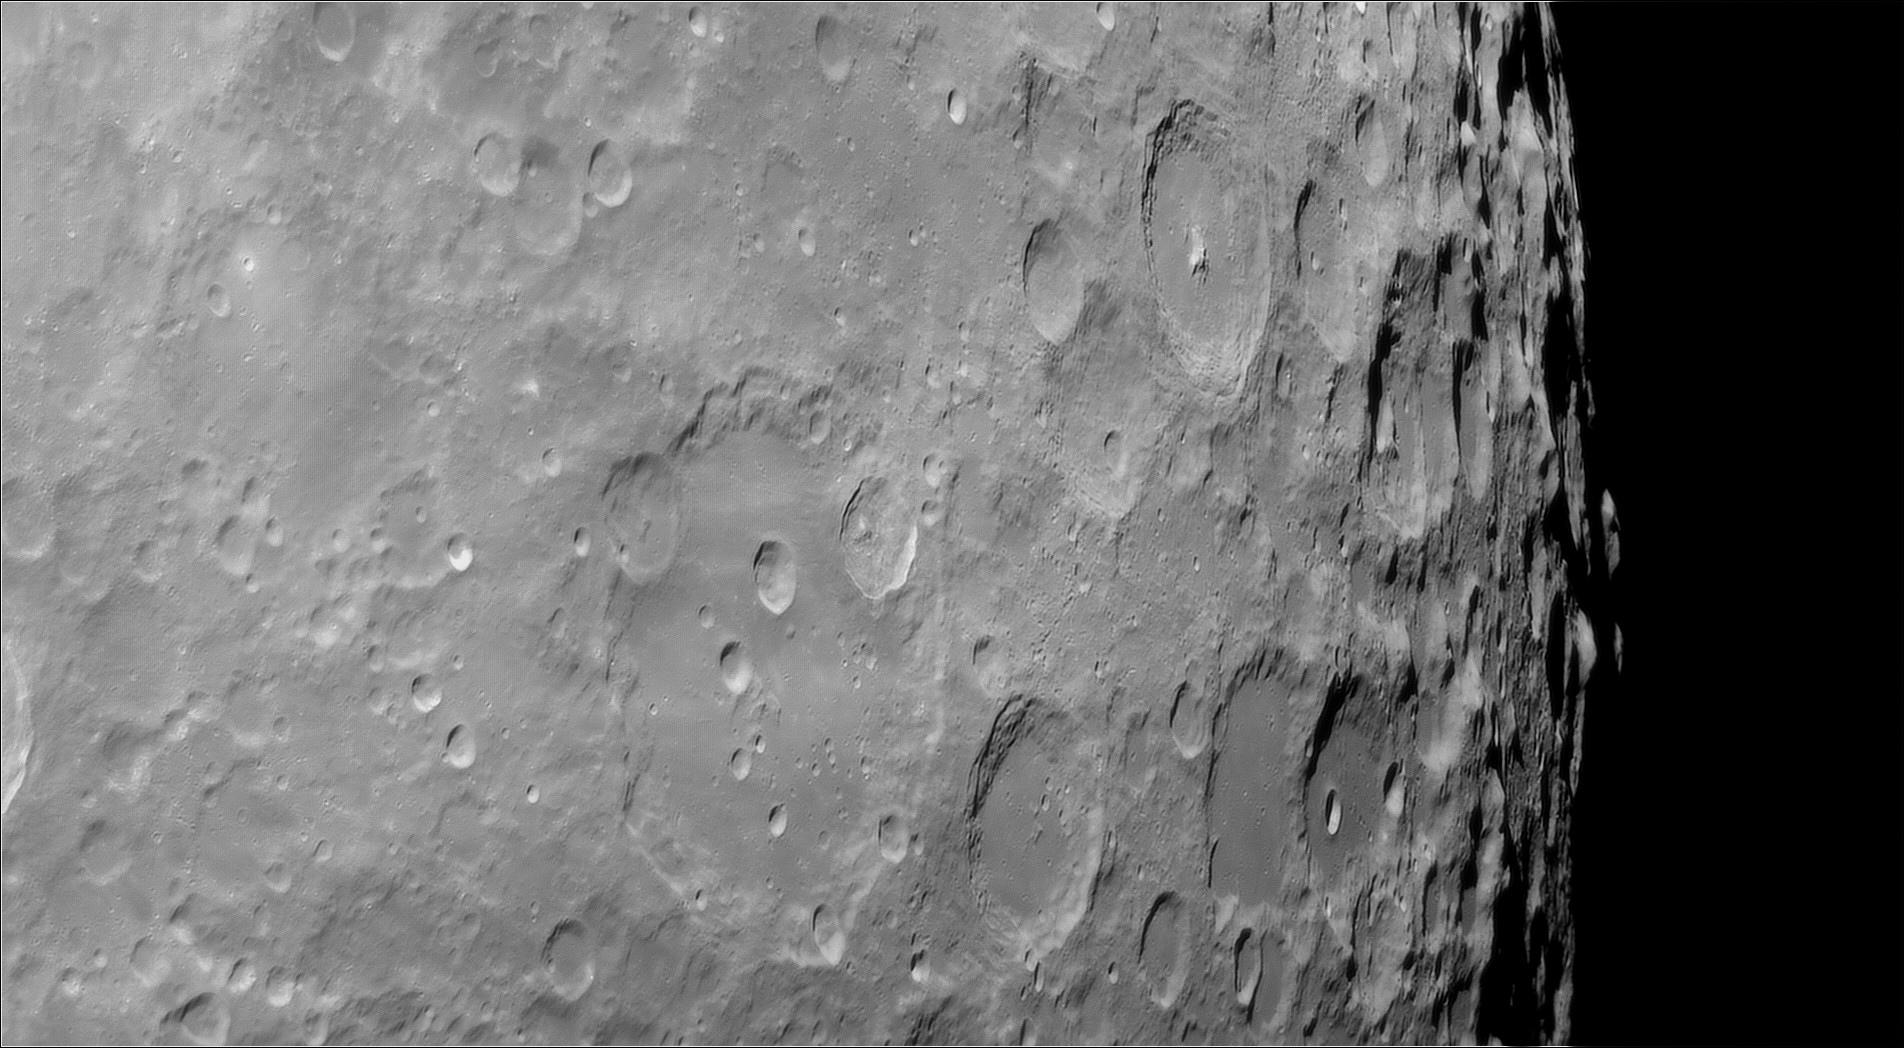 Clavius 2 1200.jpg